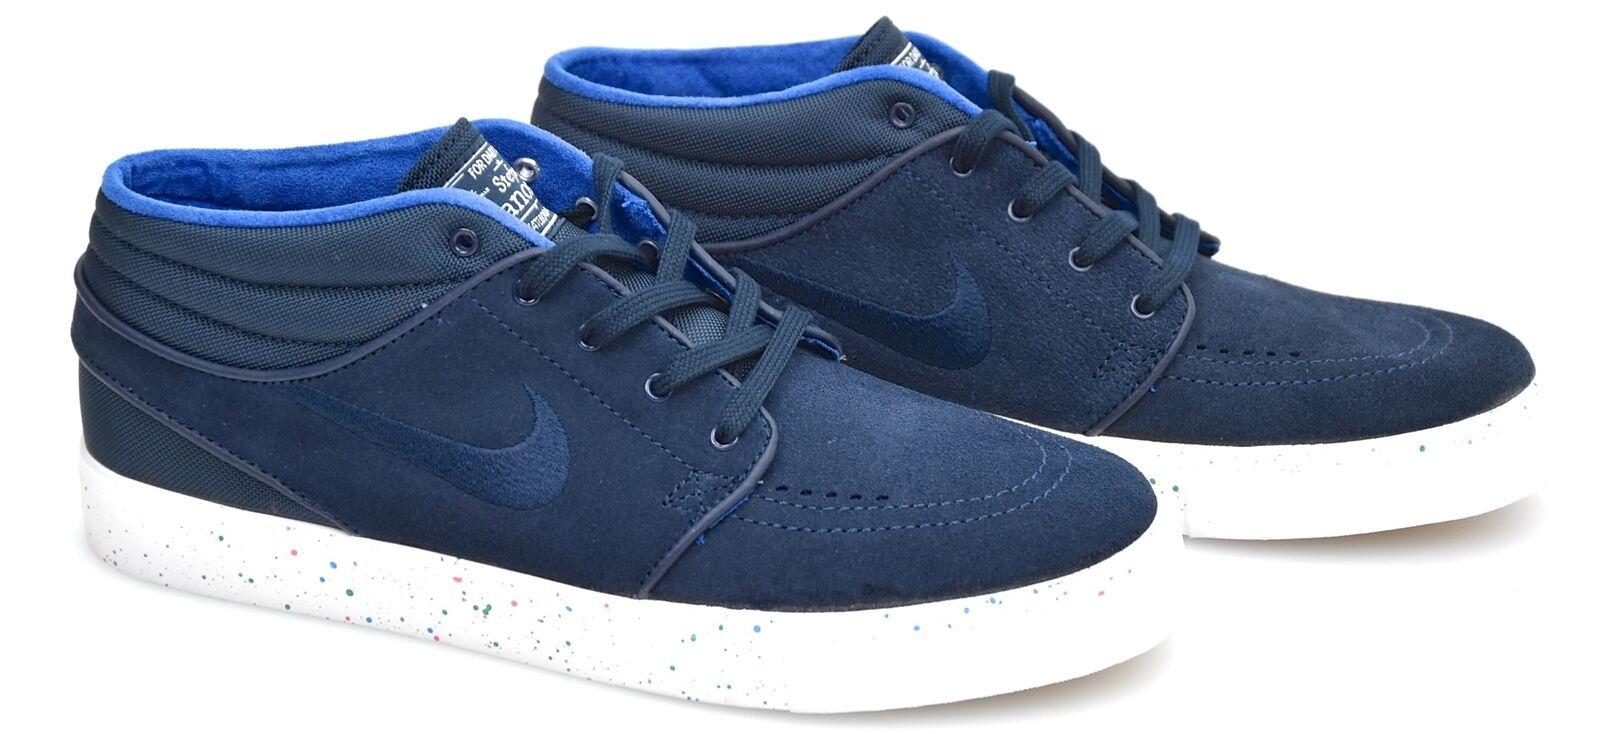 Nike herren turnschuhe freizeitschuhe scarpe zoom stefan janoski metà 443095